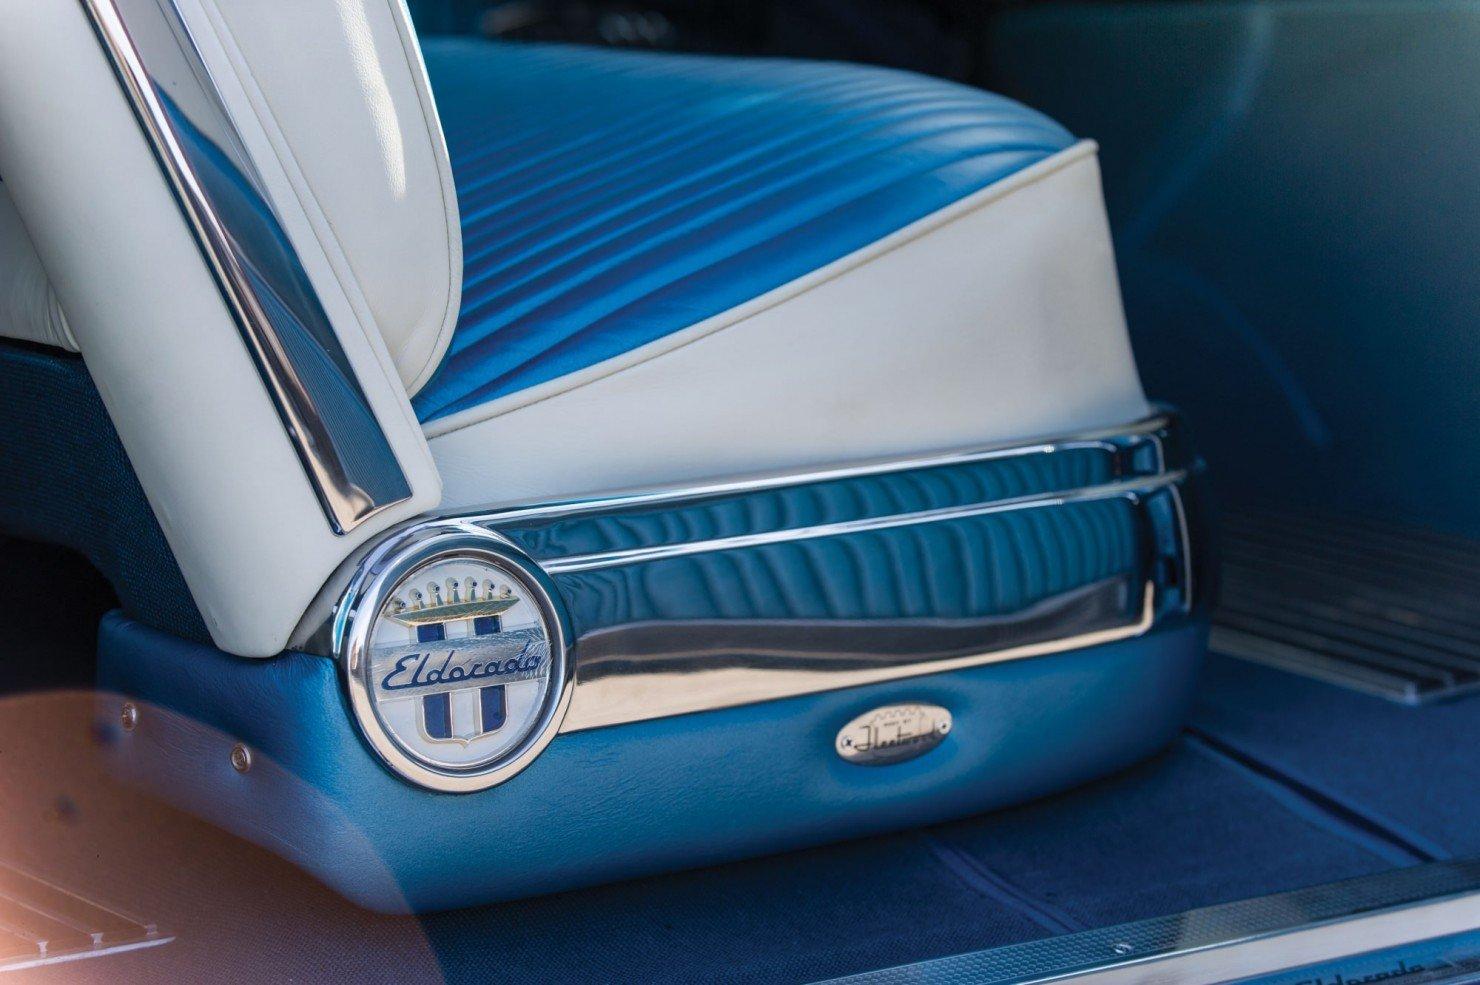 Cadillac-Eldorado-Car-9